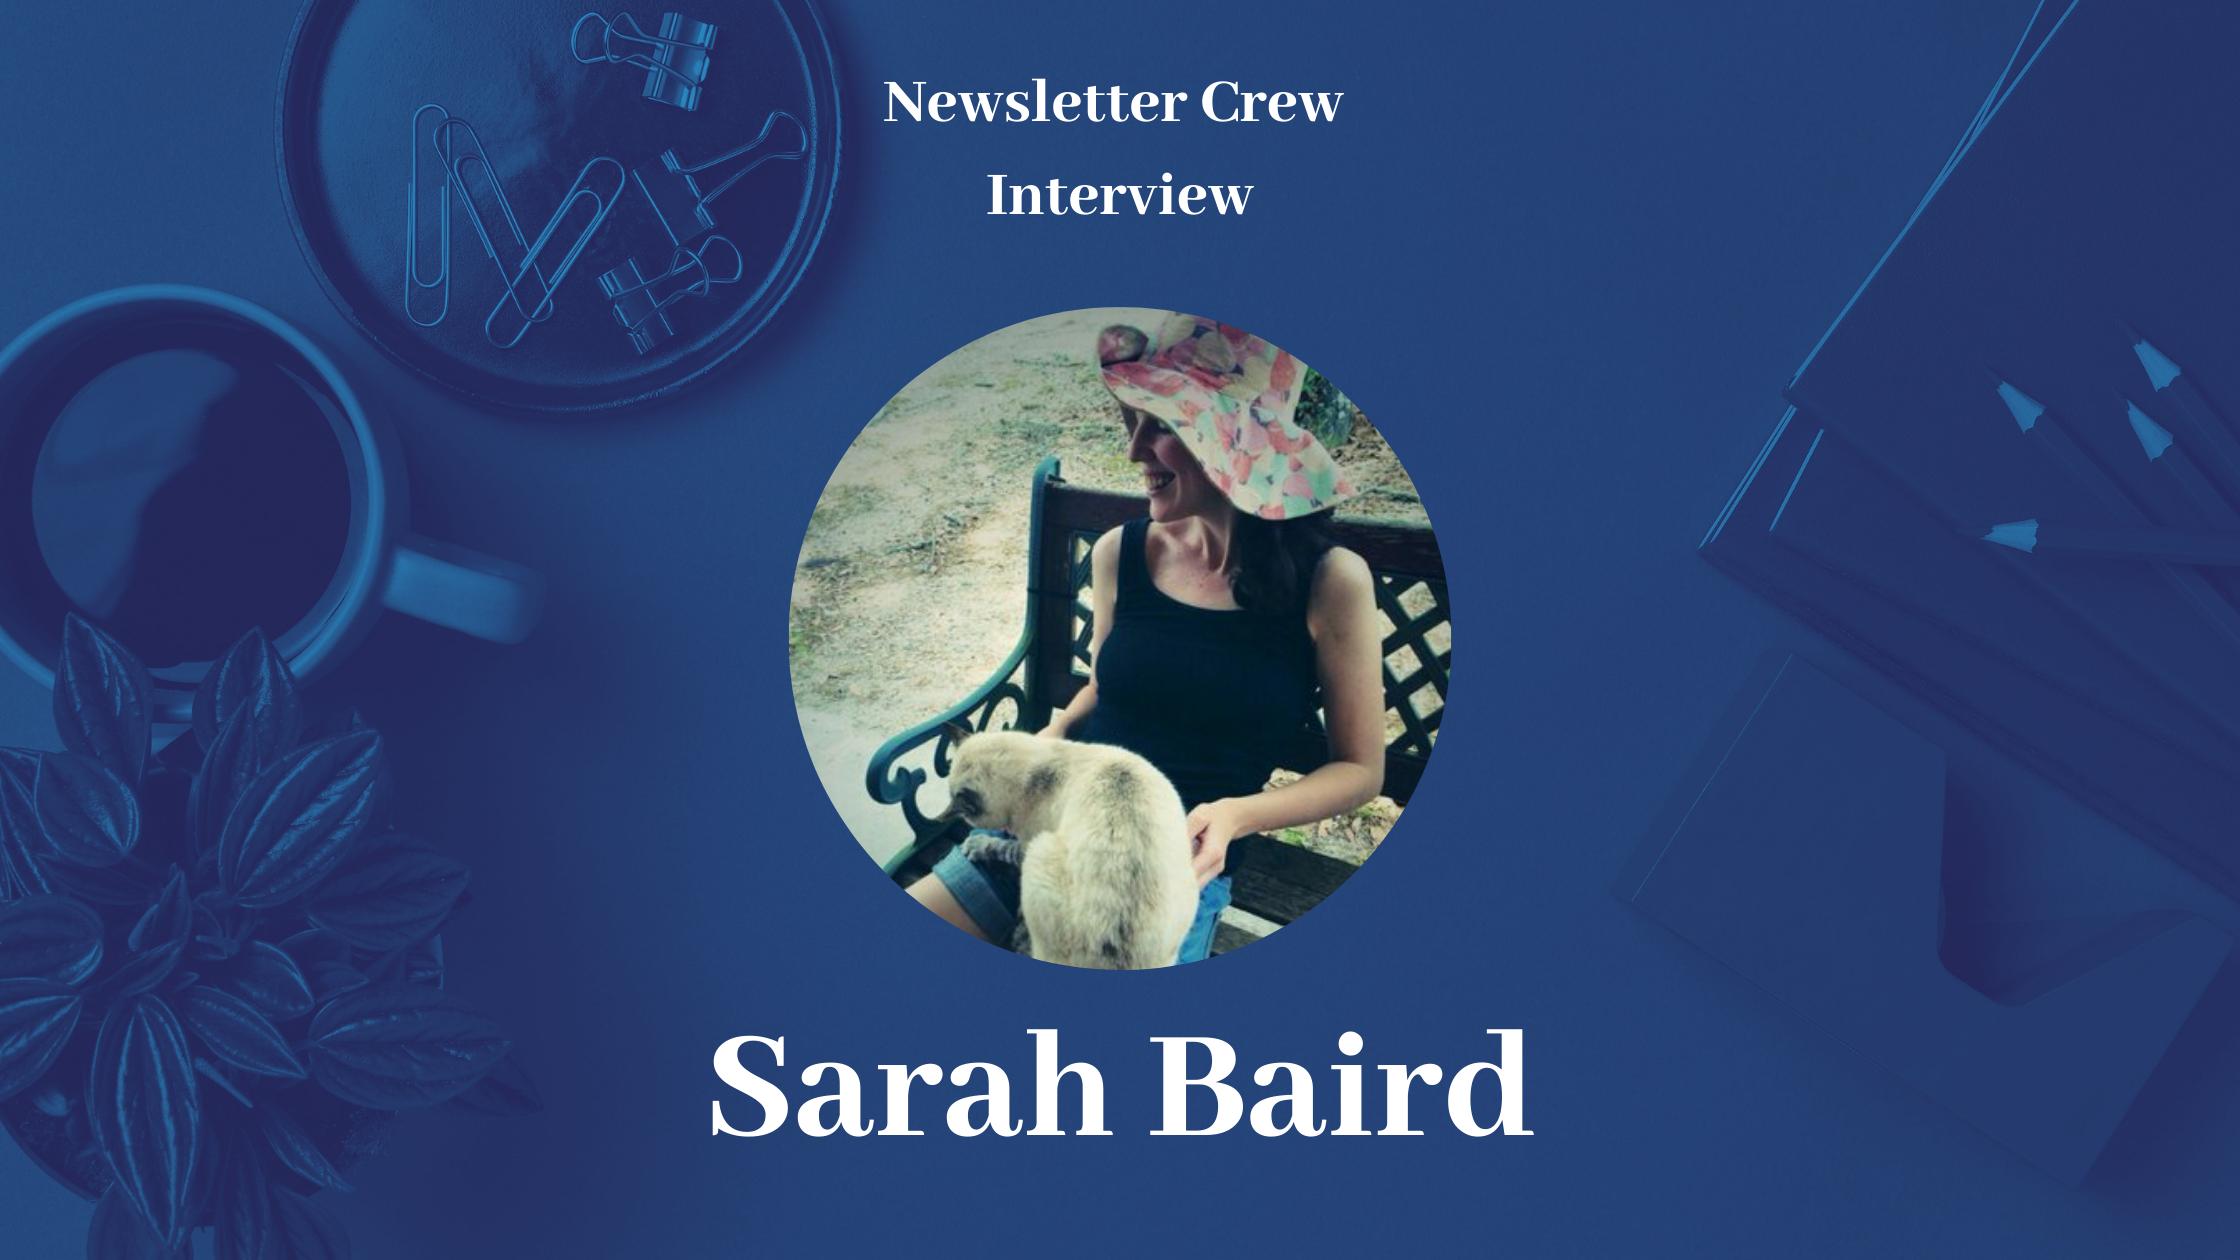 Local news in Kentucky with Sarah Baird